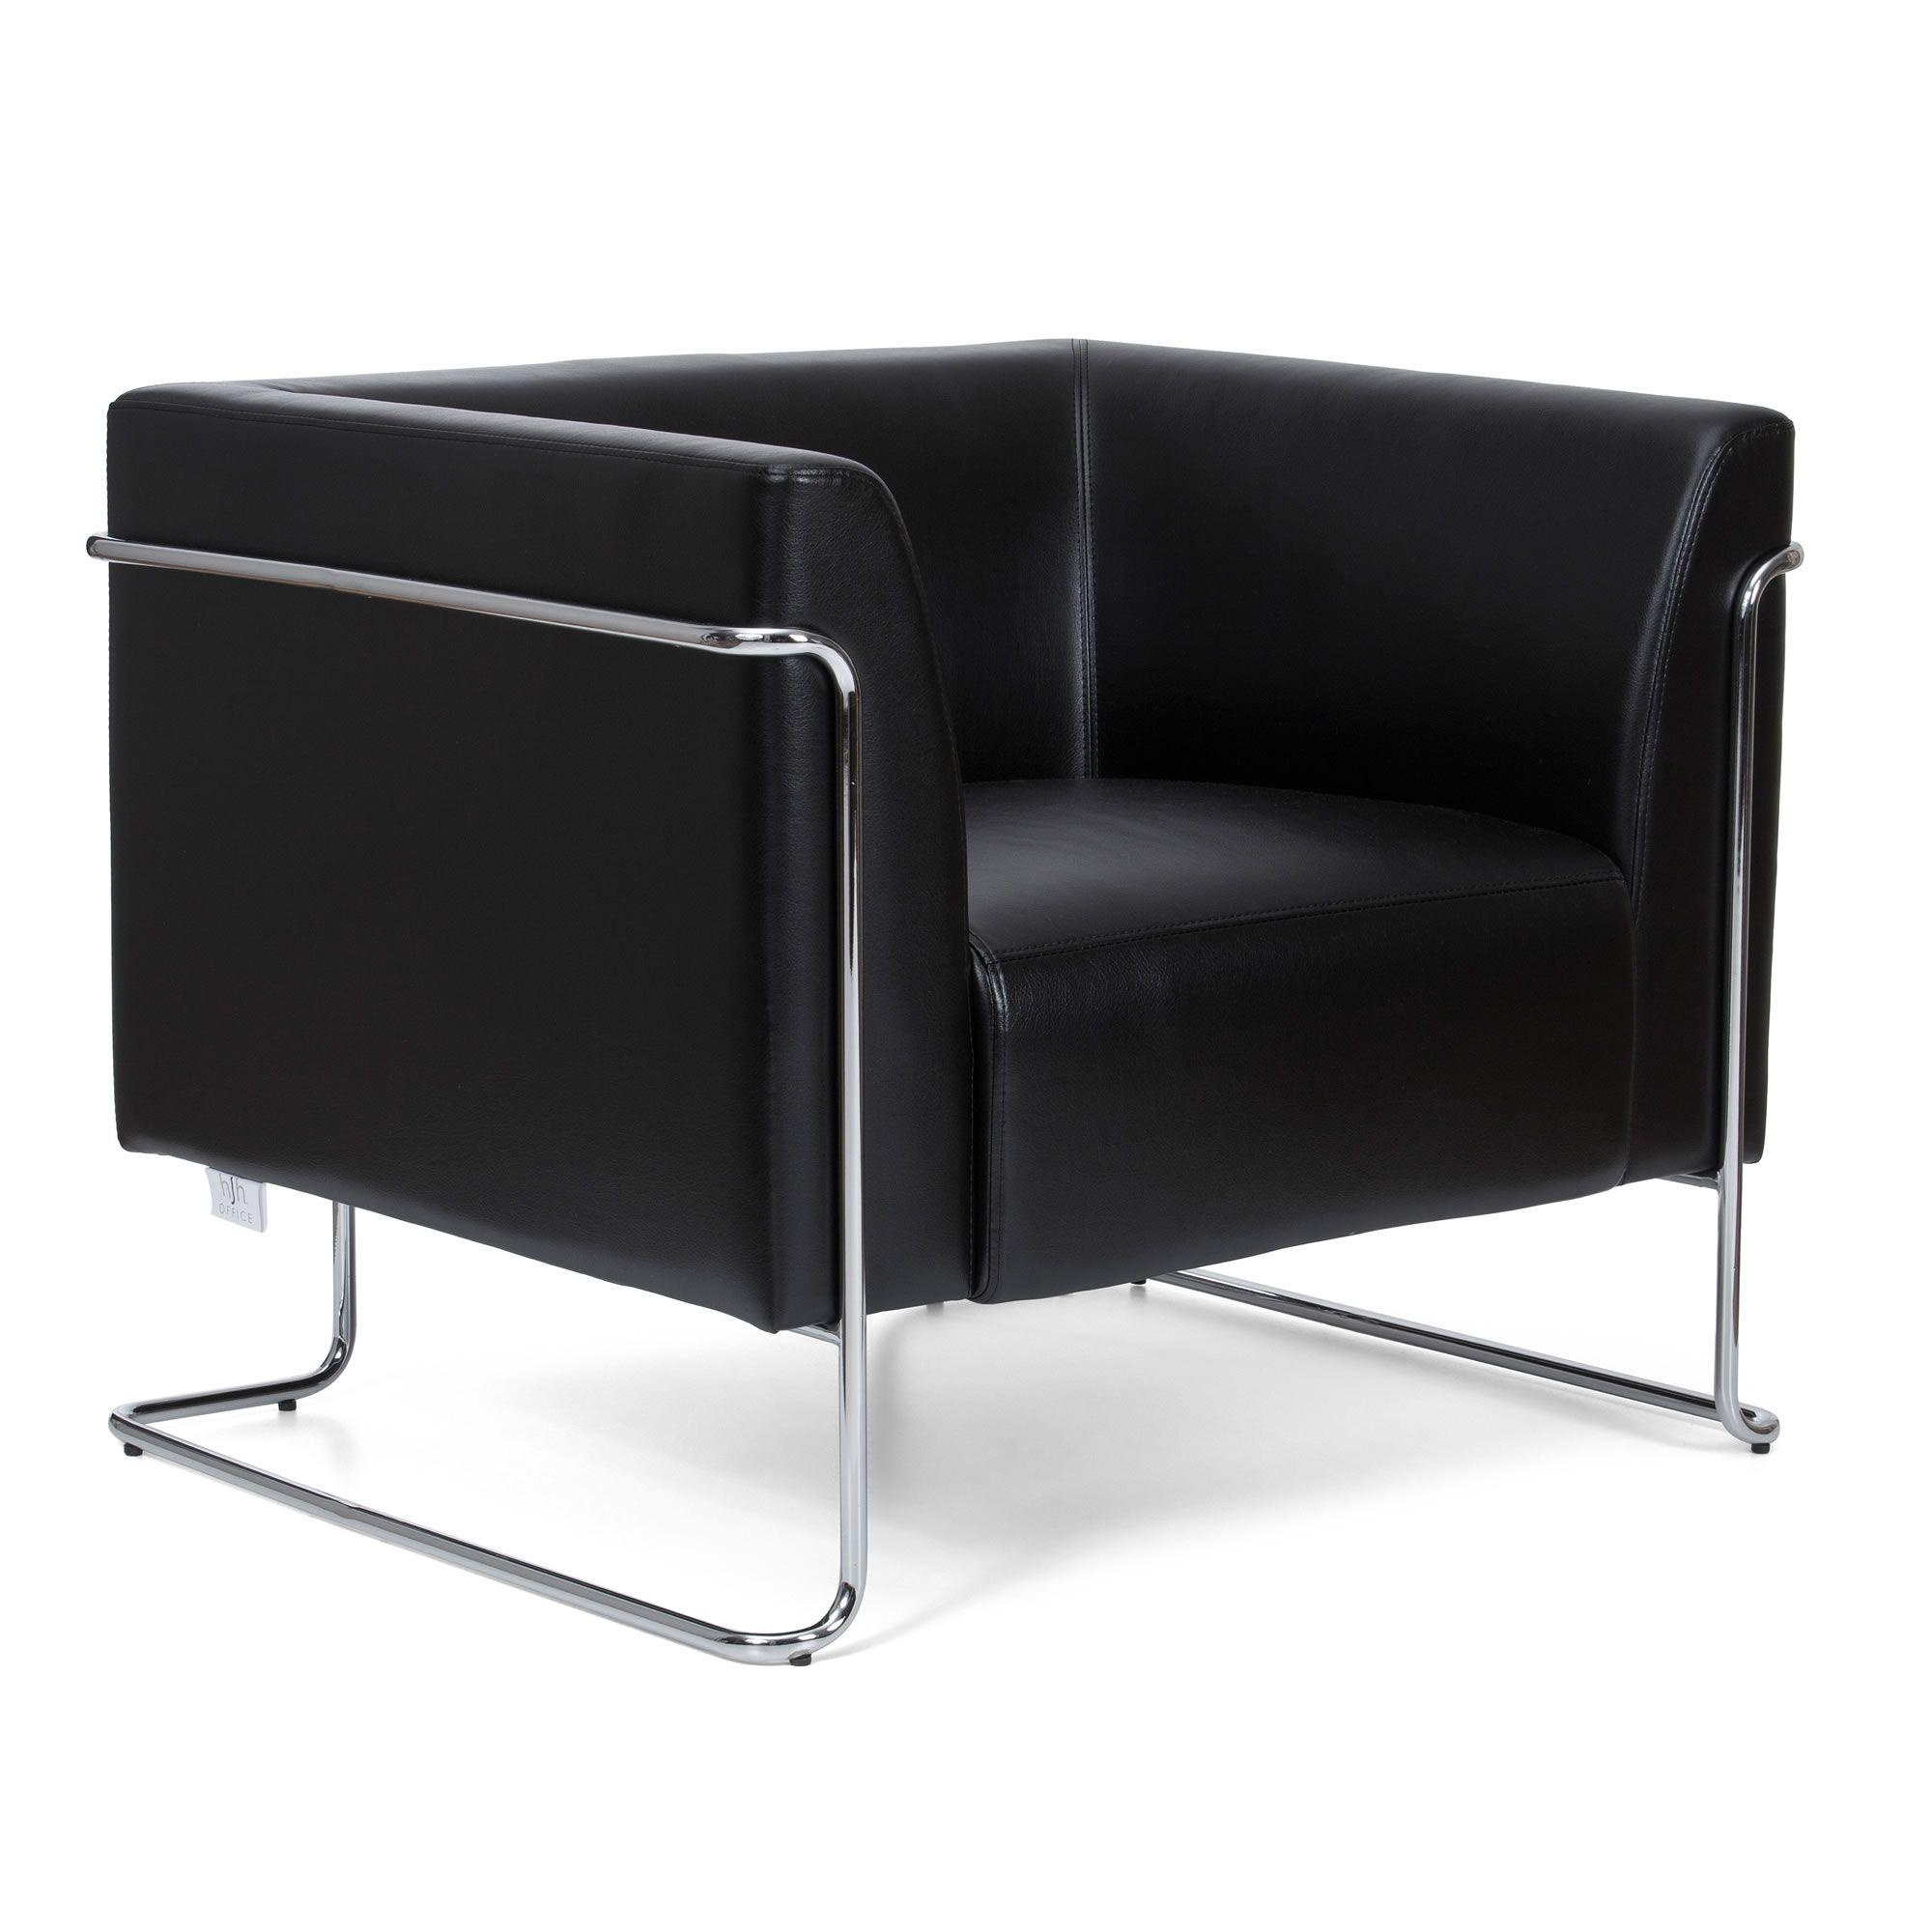 loungesessel curacao kunstleder 1 sitzer hjh office visitor b2b deutschland. Black Bedroom Furniture Sets. Home Design Ideas